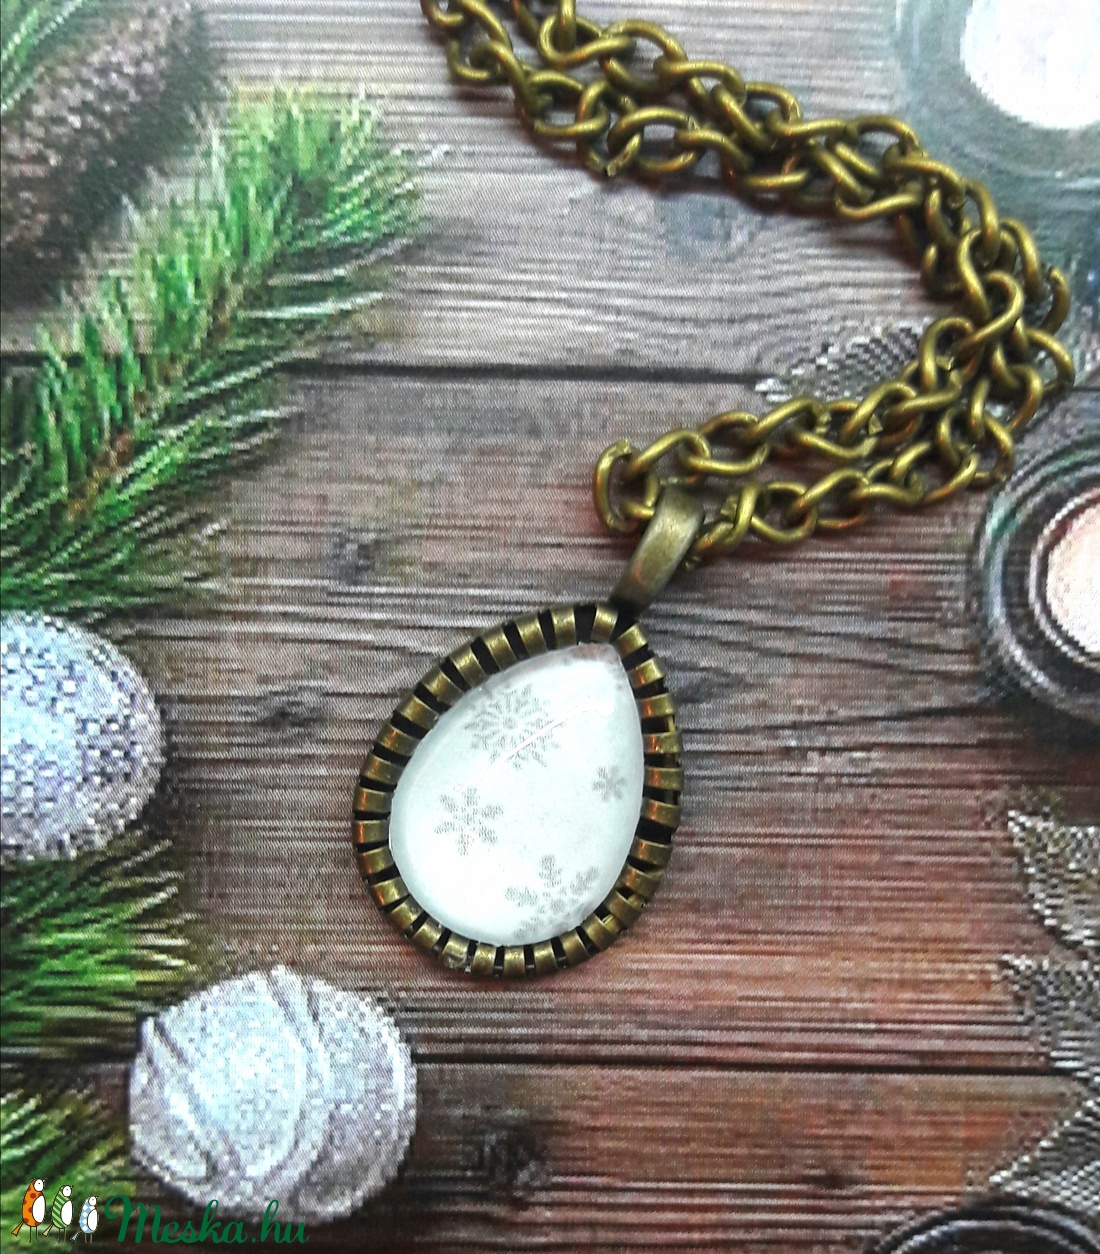 Egy csepp hópihe-üveglencsés nyaklánc (Kenza) - Meska.hu